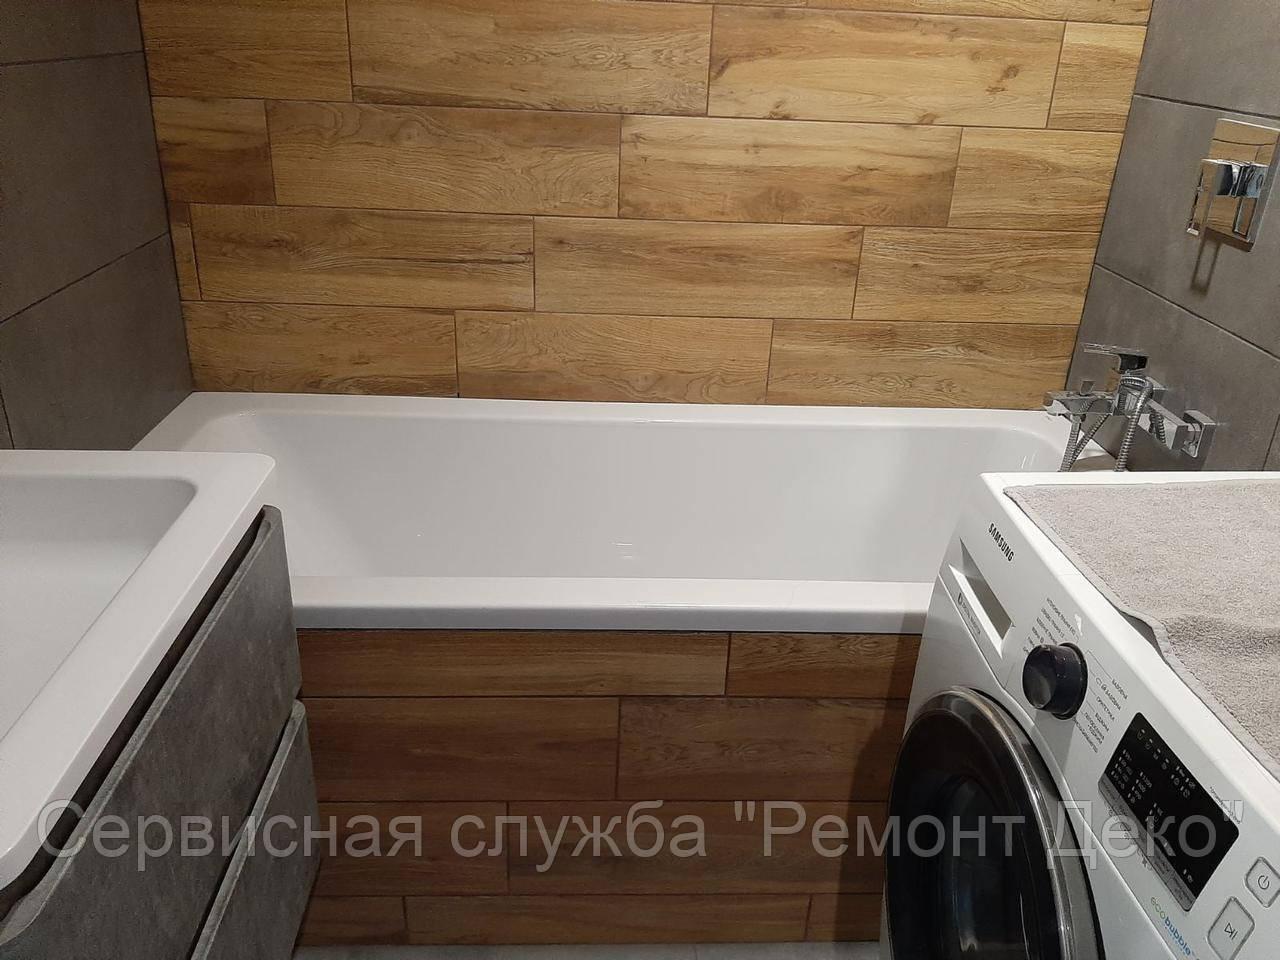 Виклик сантехніка на будинок Дніпро. Сантехнік Дніпро. Повний комплекс сантехнічних послуг.